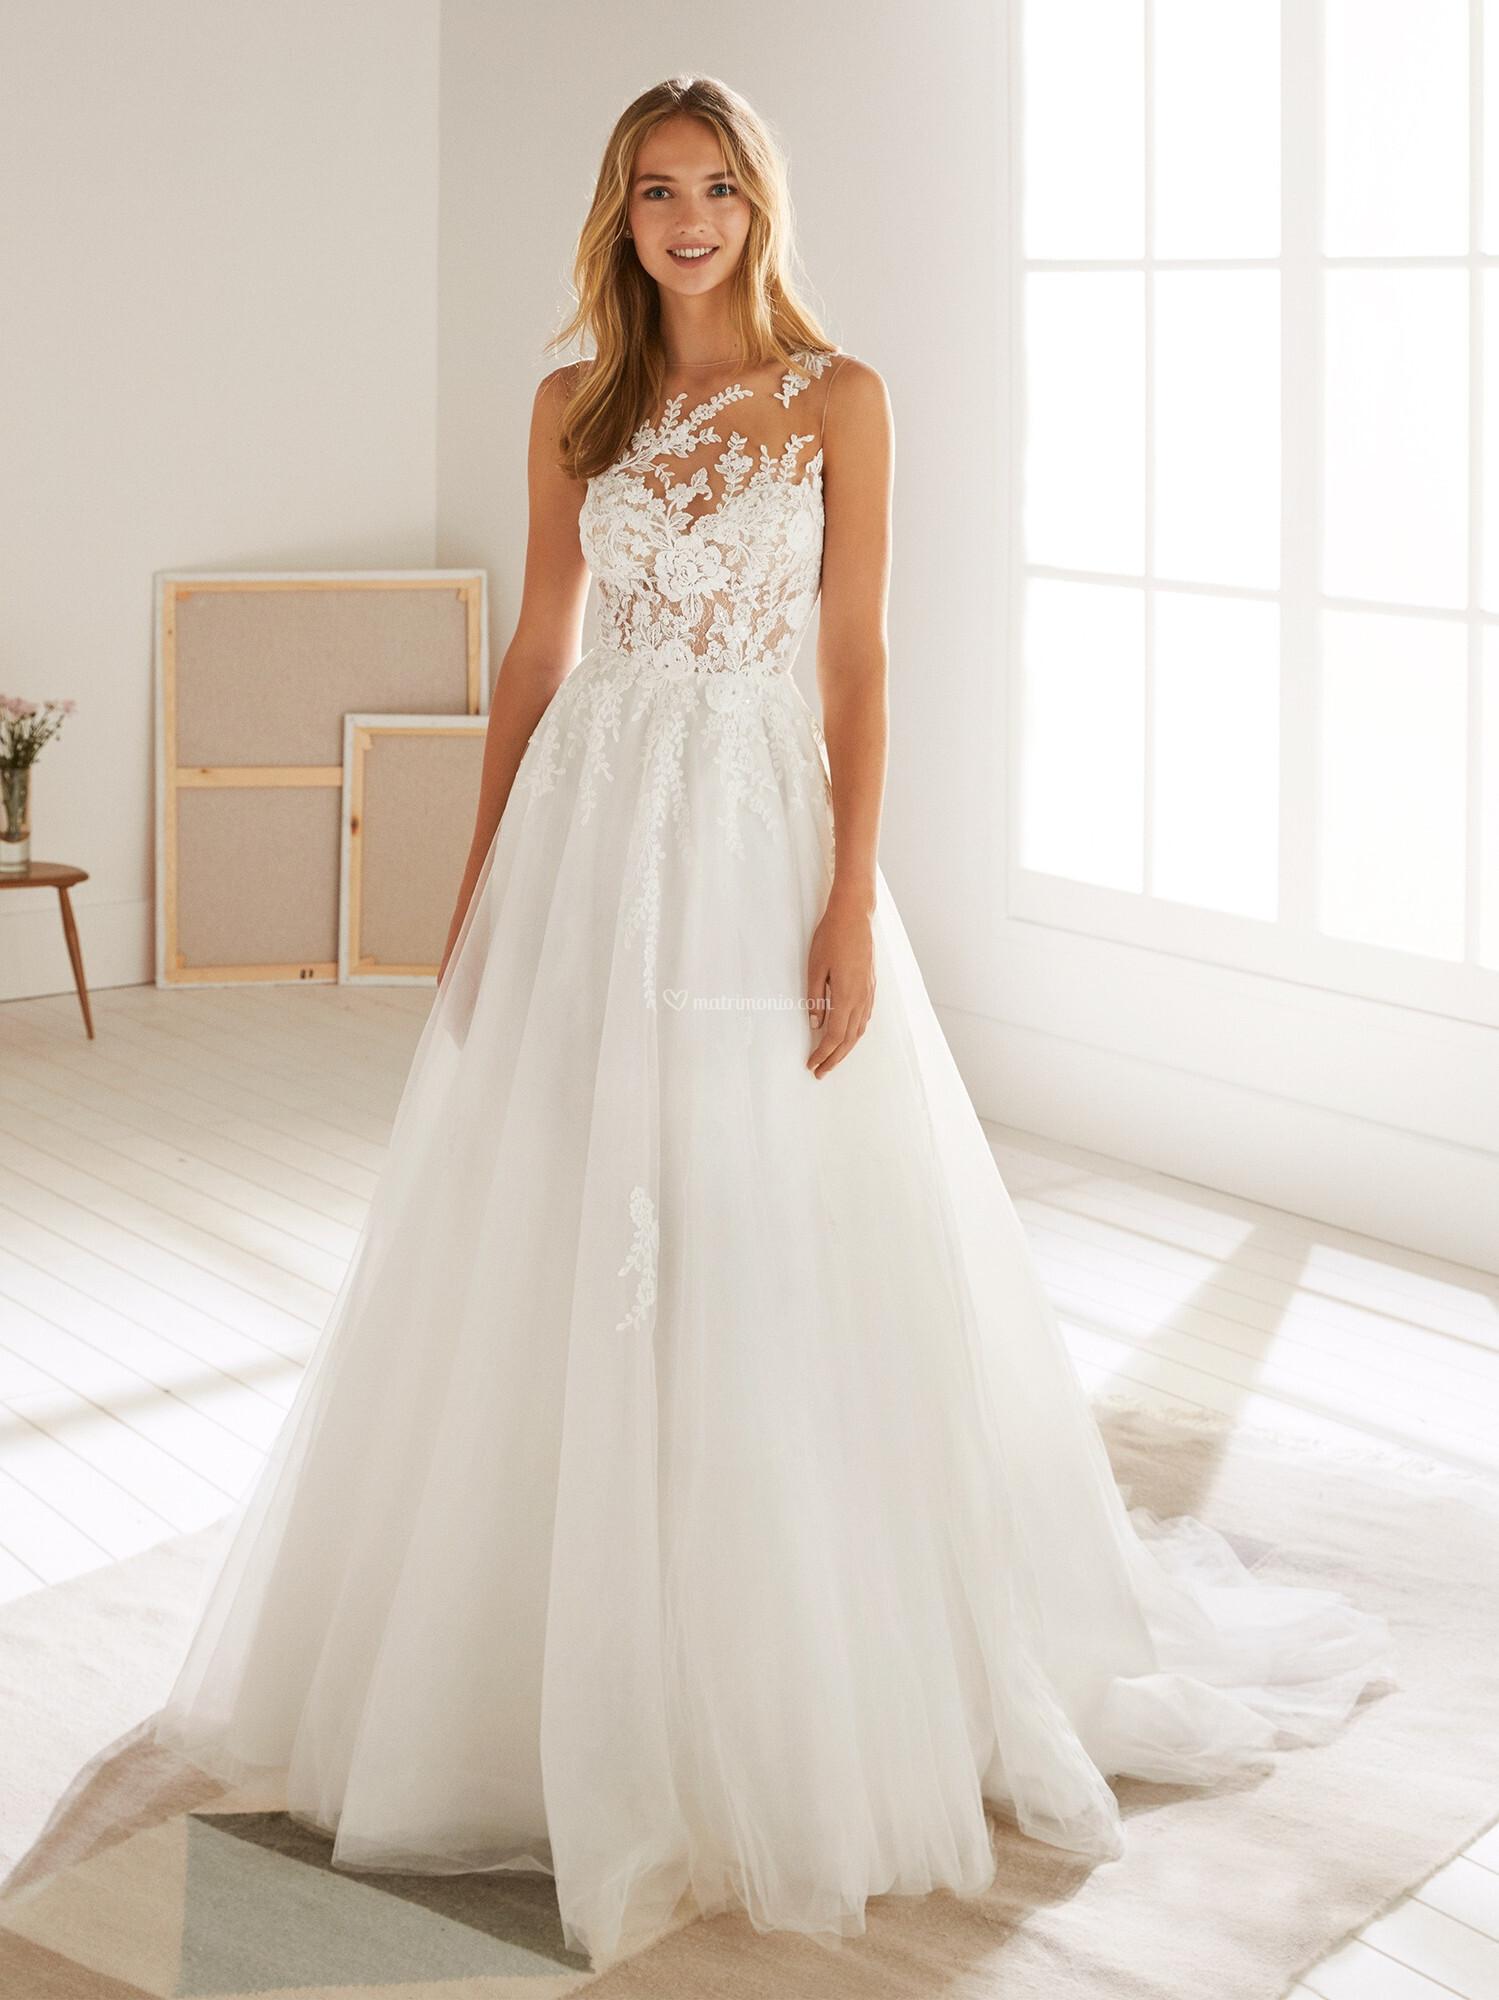 Abiti da Sposa di White One - OROPESA - Matrimonio.com